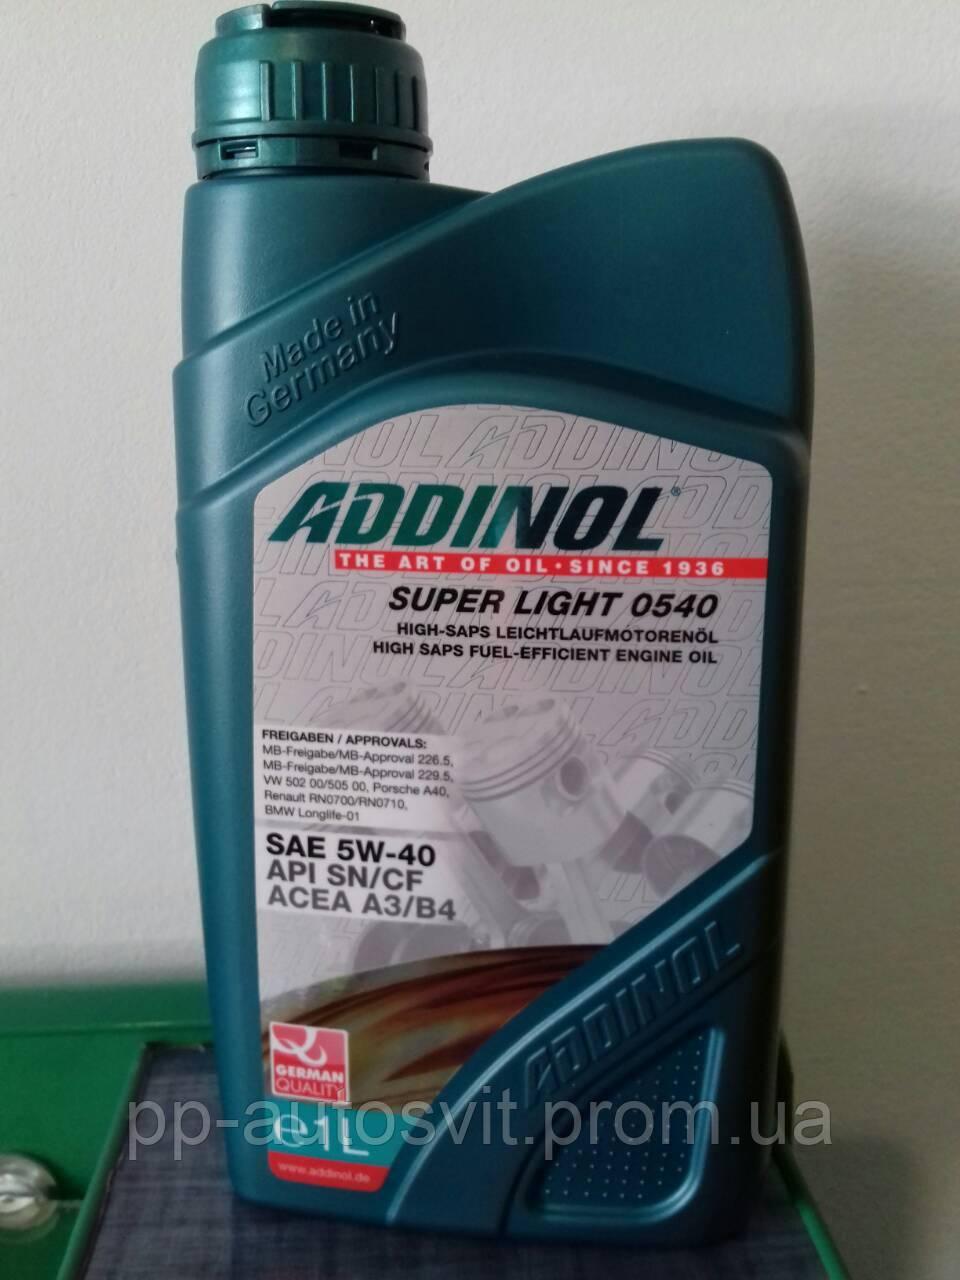 Масло моторное Addinol 5W-40 Super Light 0540 1л - AUTOSVIT в Ивано-Франковской области